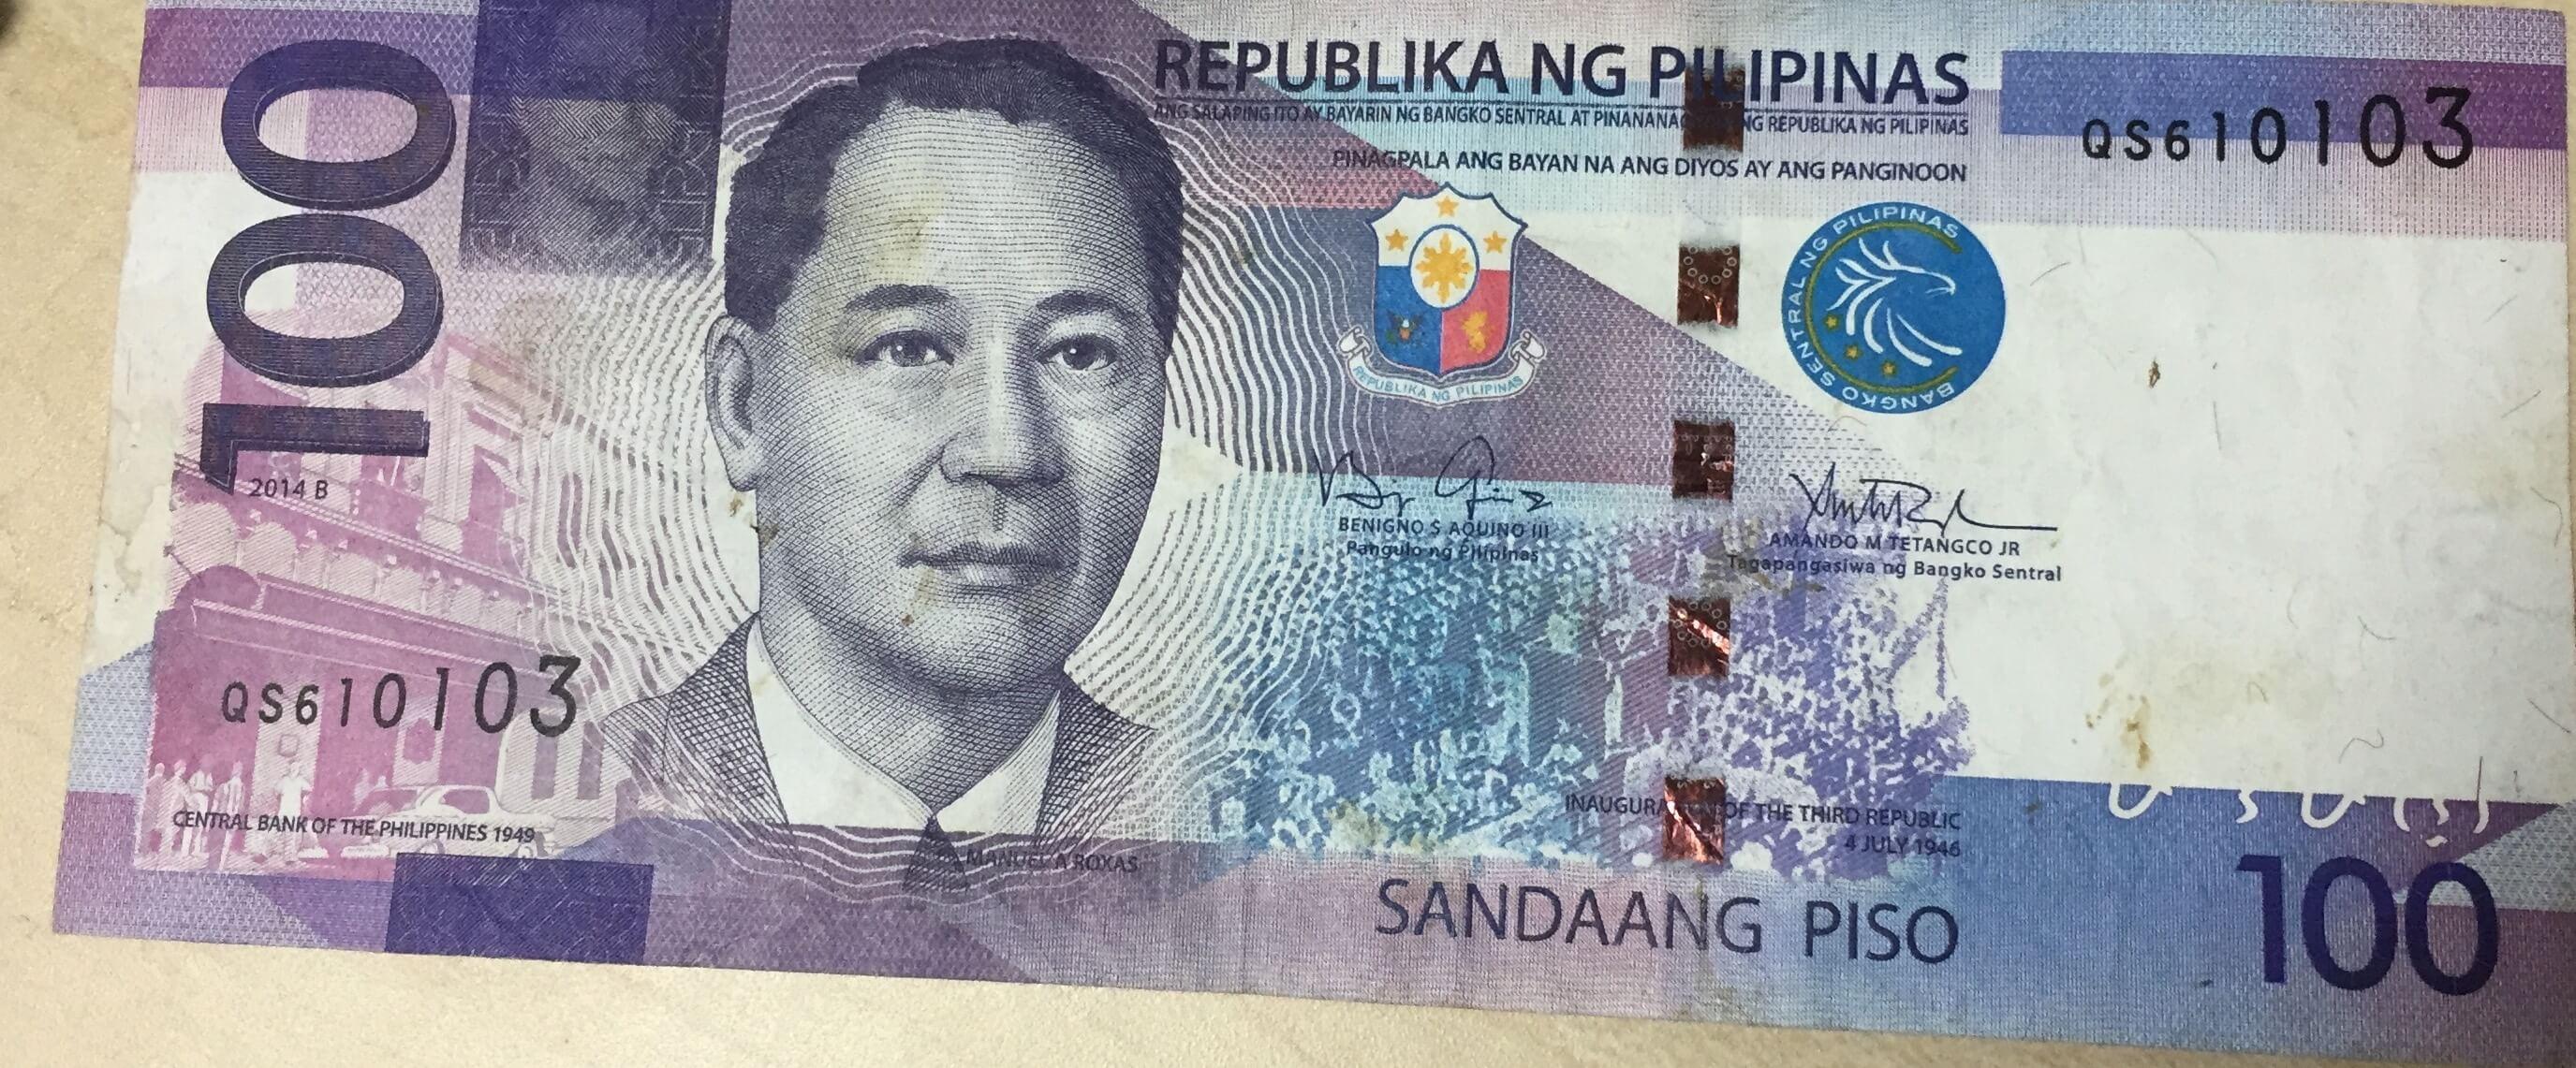 菲律宾比索